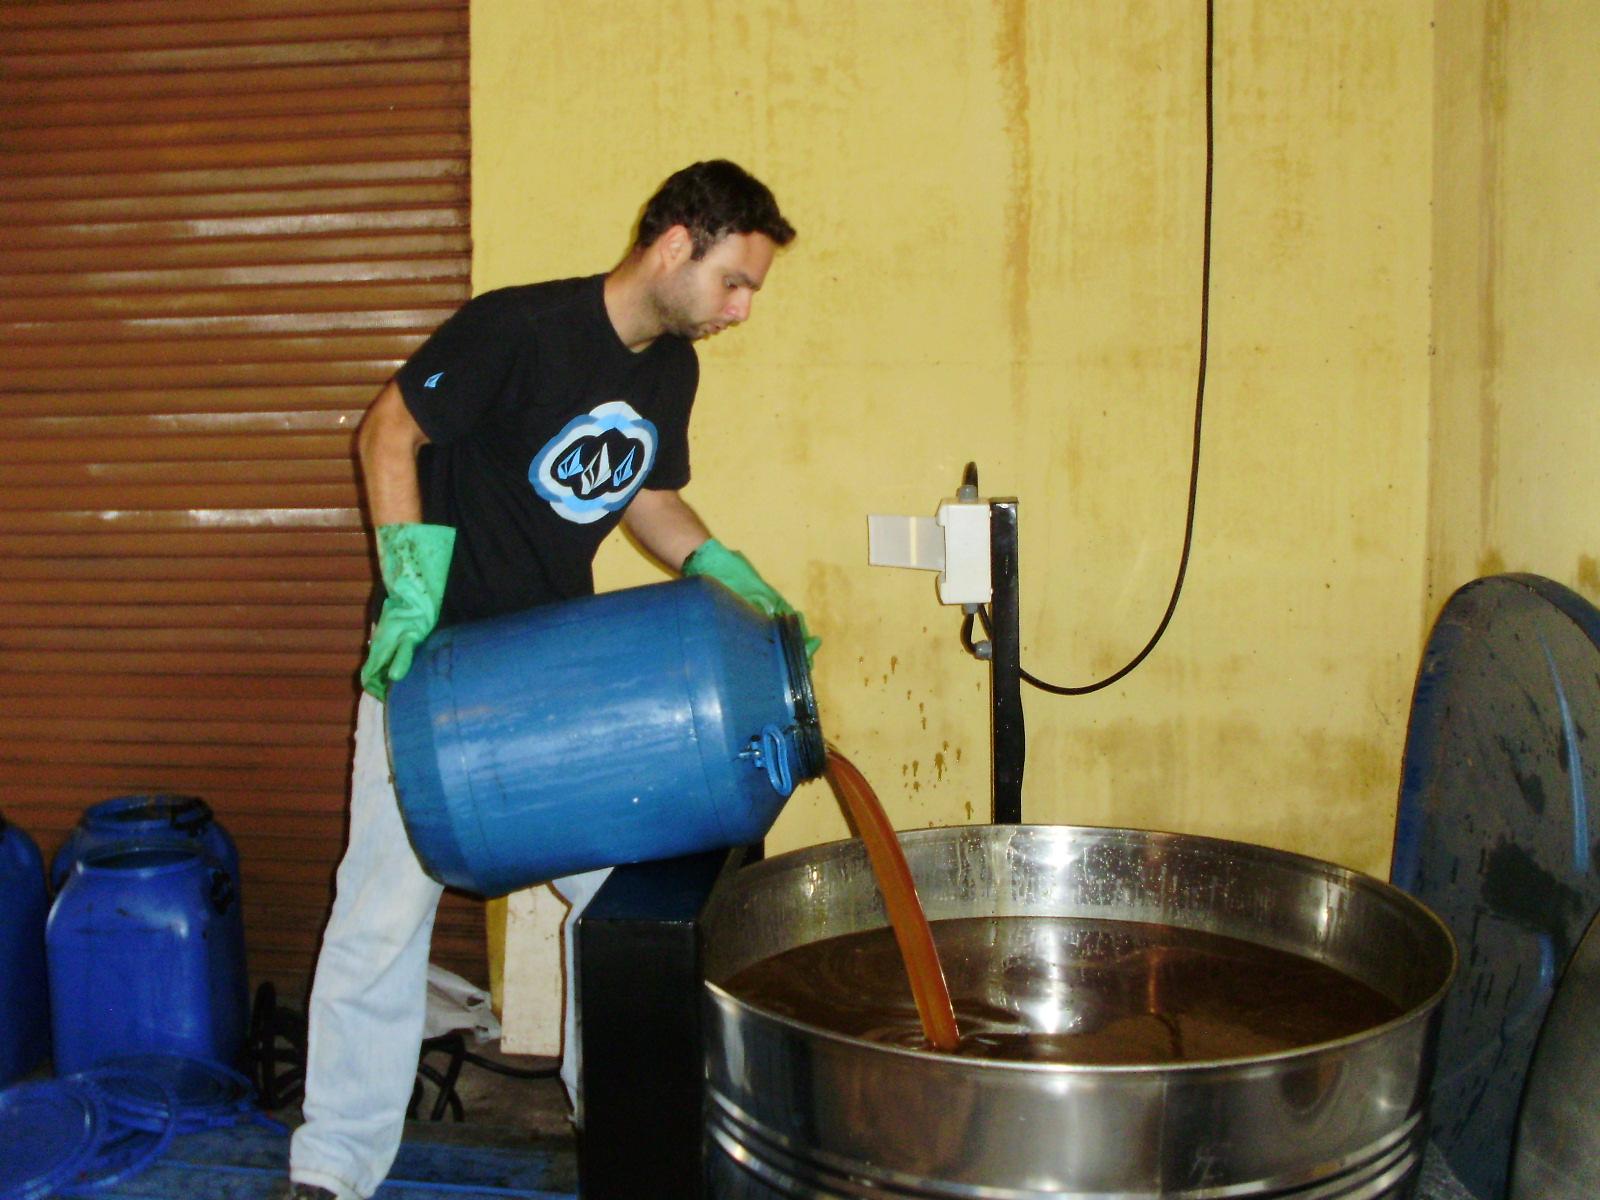 SEBRAE/MG realizou implantação de mini usina de purificação de  #183576 1600 1200